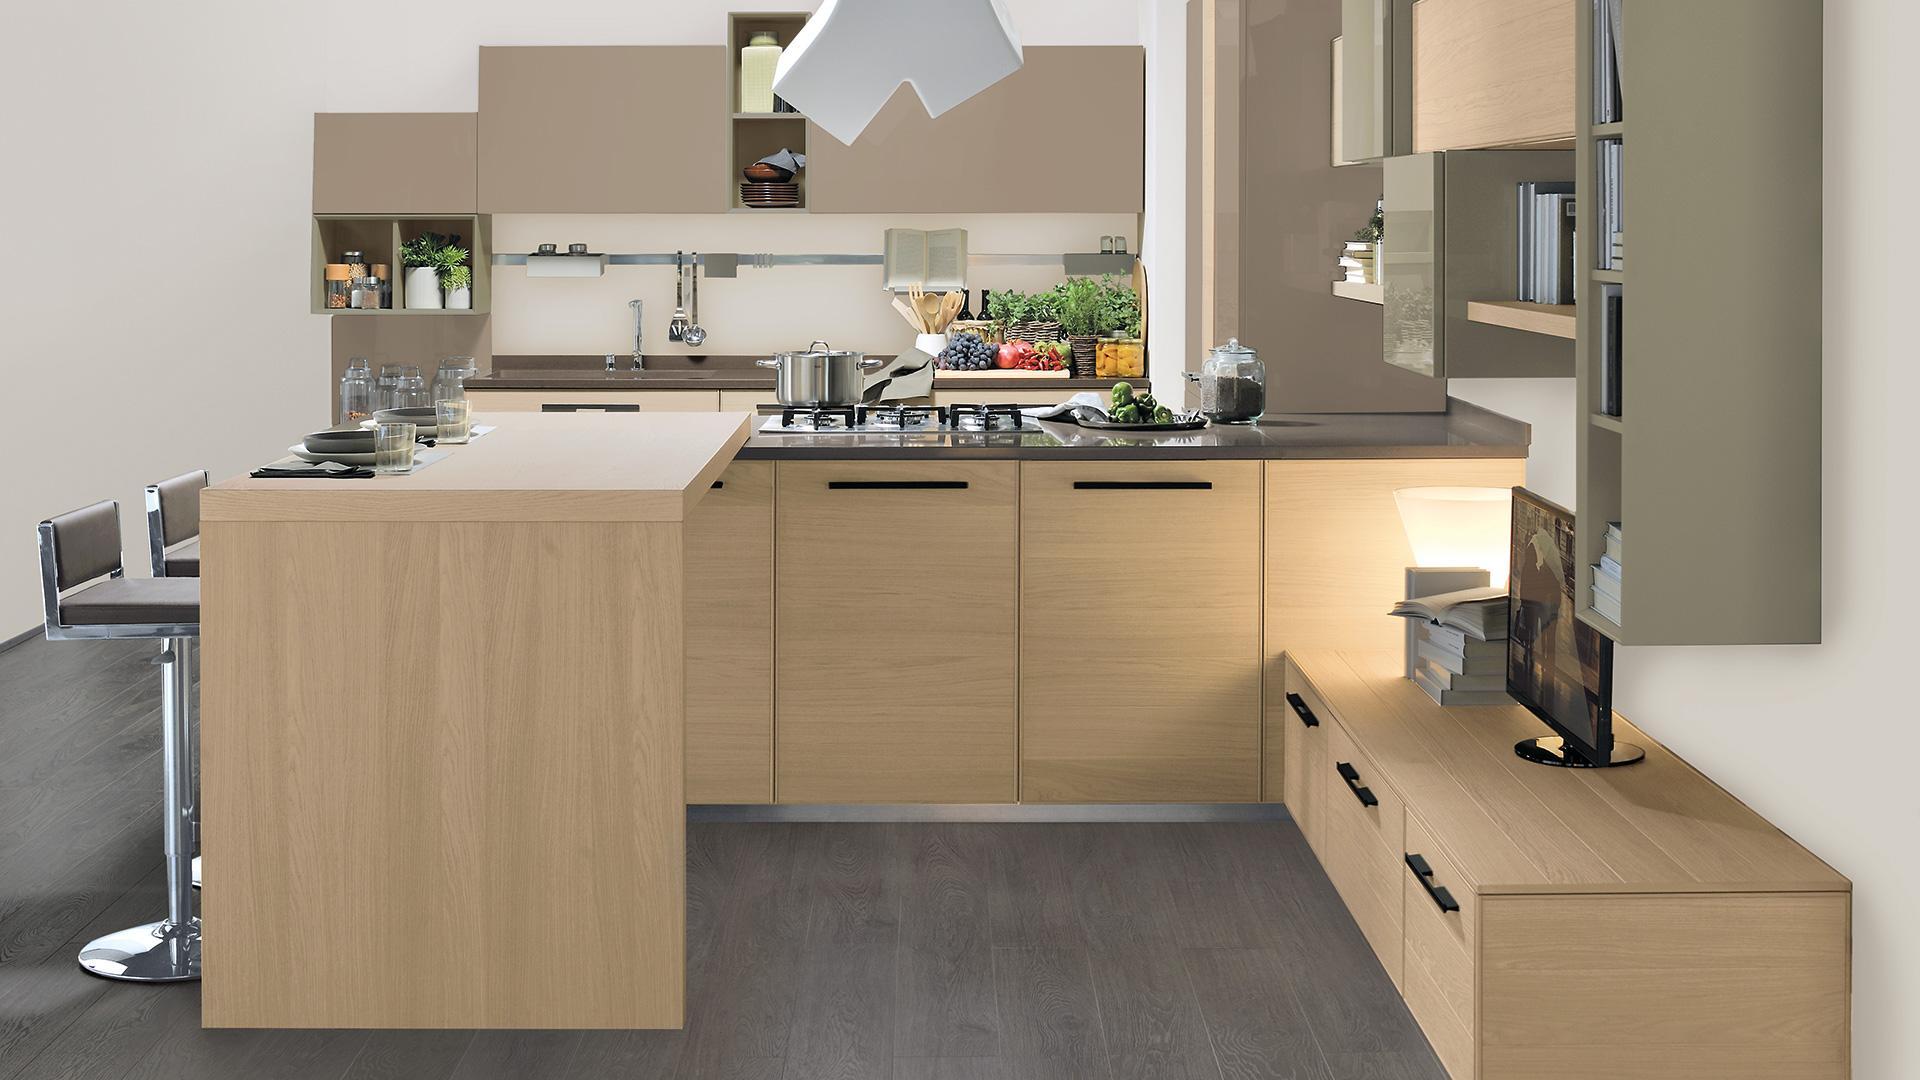 Cucina Adele Project Moderna - Lube & Creo Store Corsico Viale Italia 22